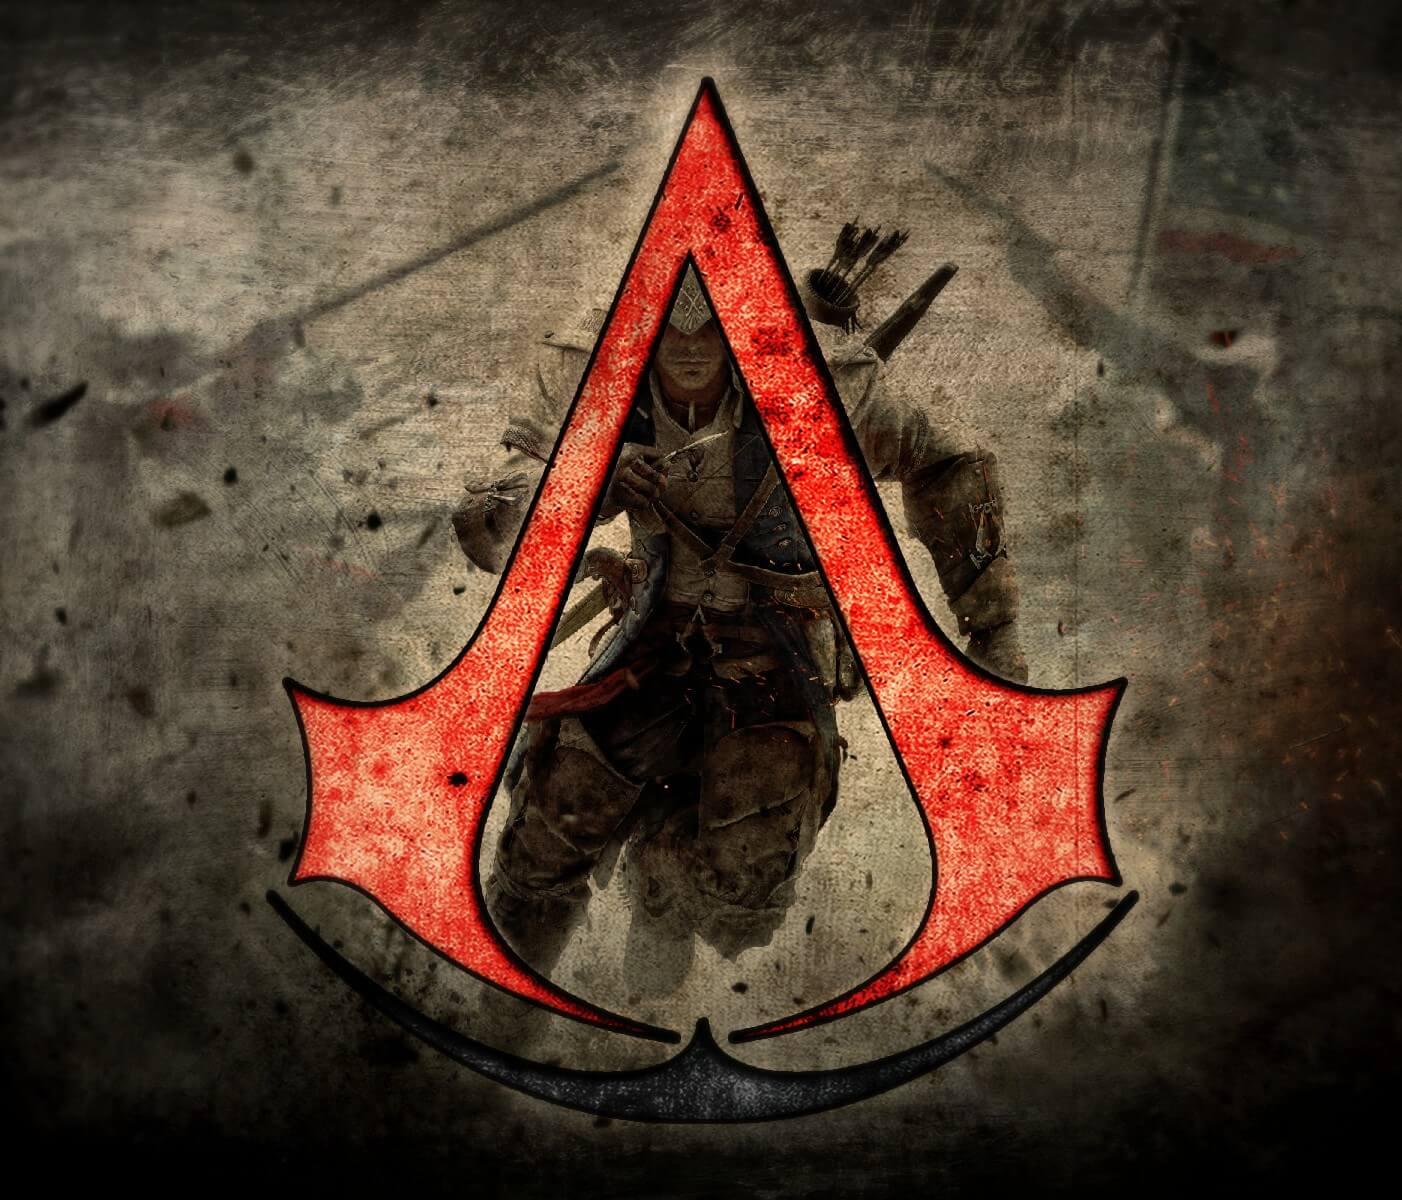 full-hd-assassin-creed-3-wallpaper-symbol-2014